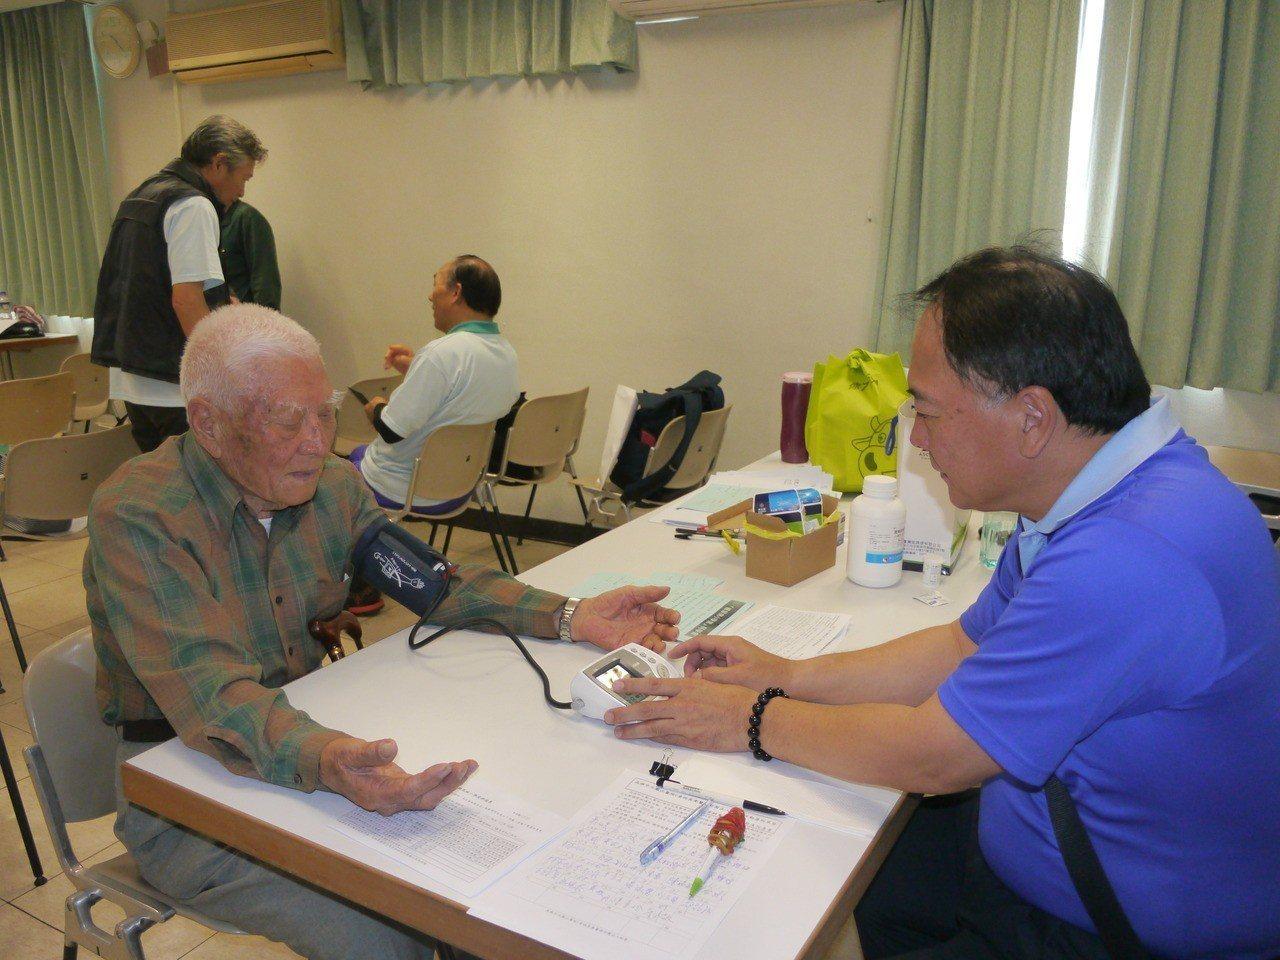 姜之發在課程休息時間接受醫護人員測量血壓。記者徐白櫻/攝影